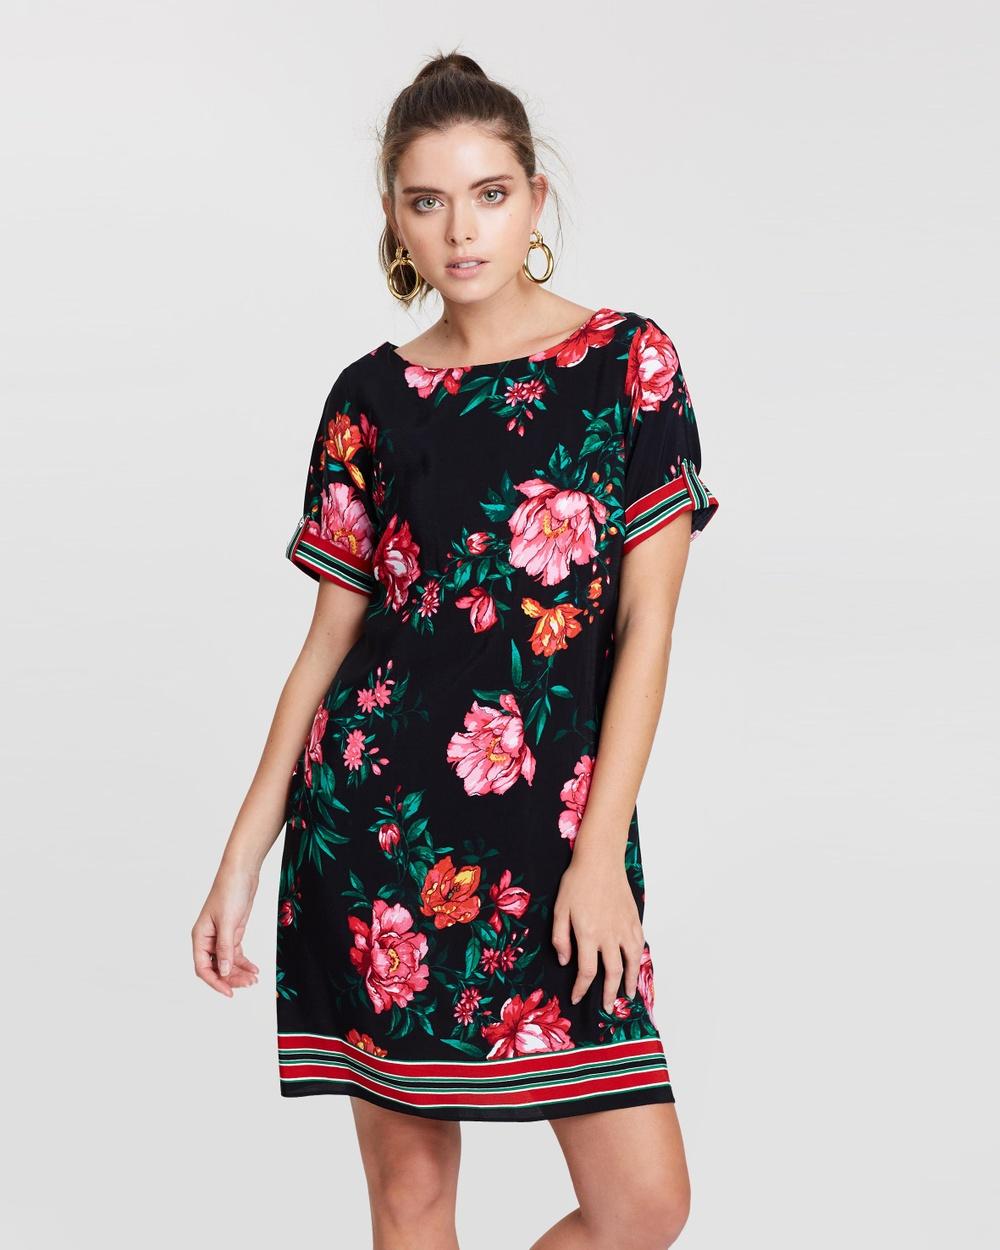 DP Petite Black Floral Shift Dress